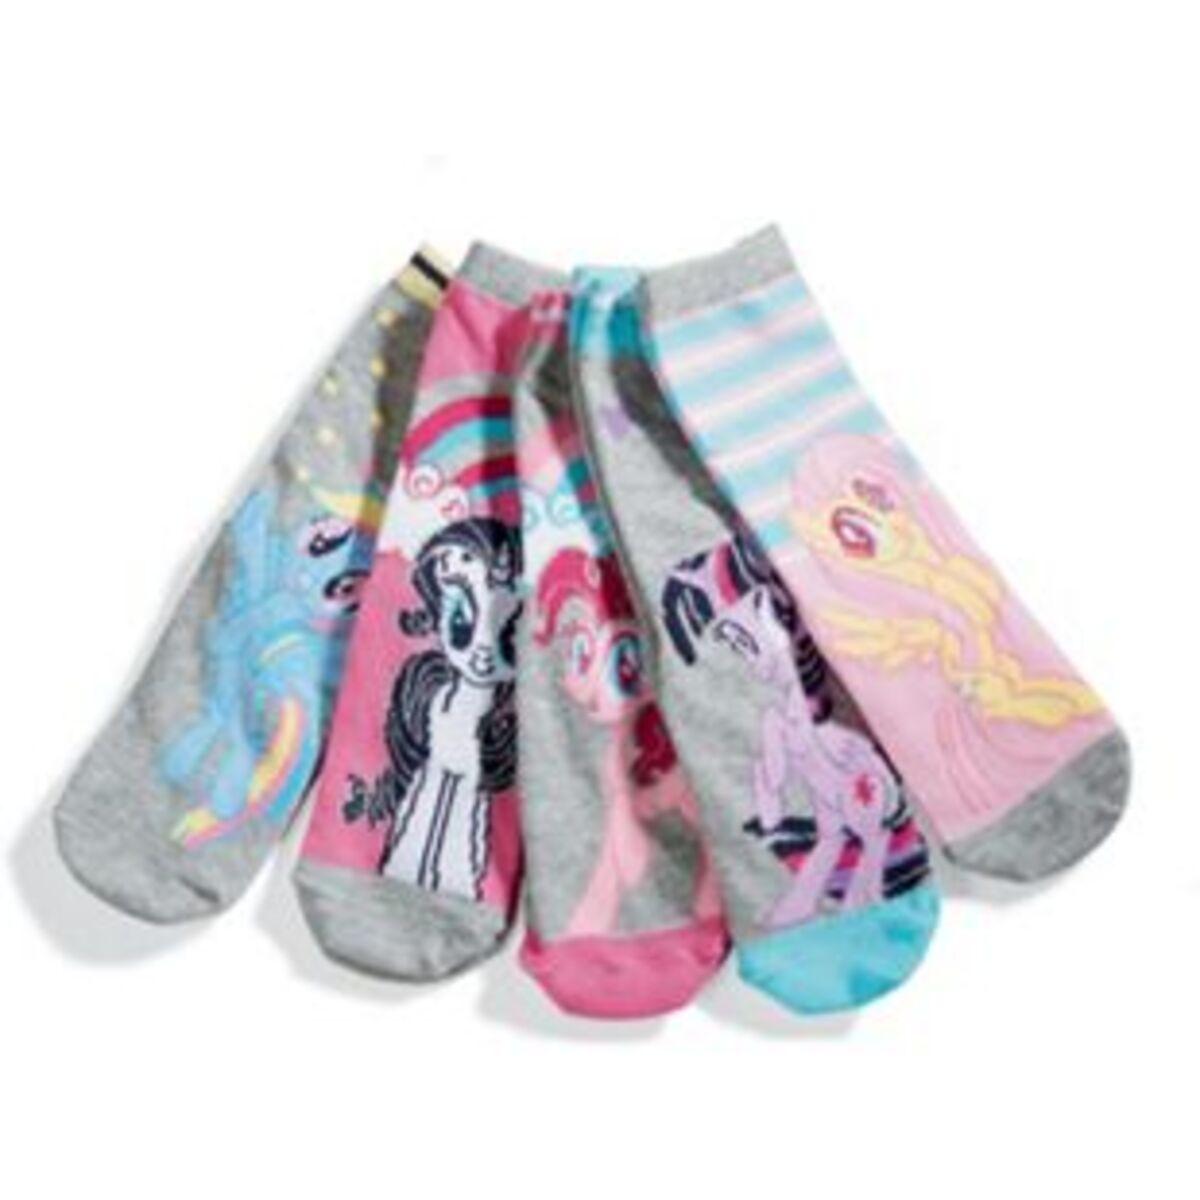 Bild 2 von Kinder Socken, 5er Pack, My little pony Gr. 31-34